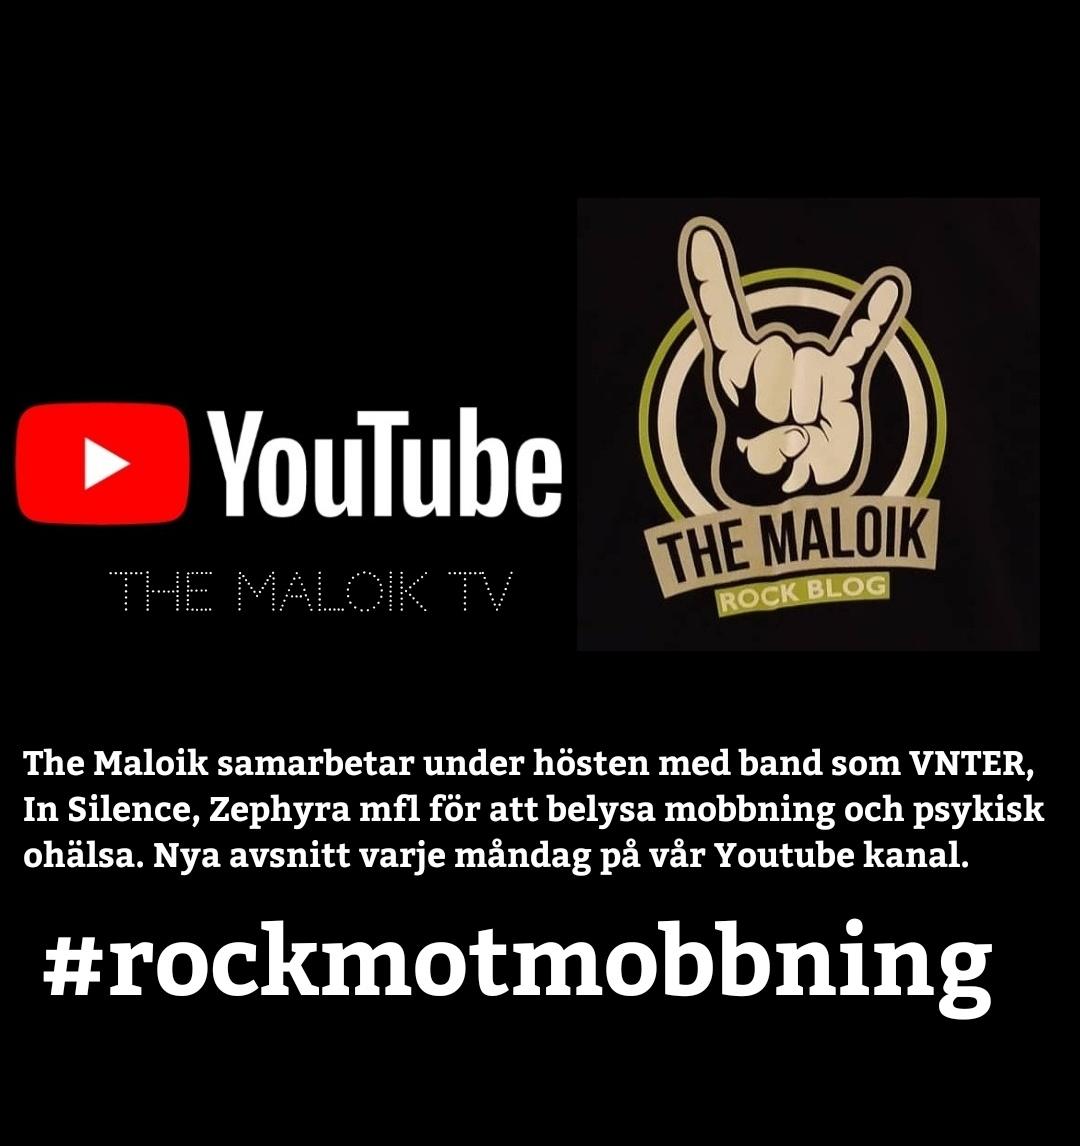 The Maloik Rock Blog